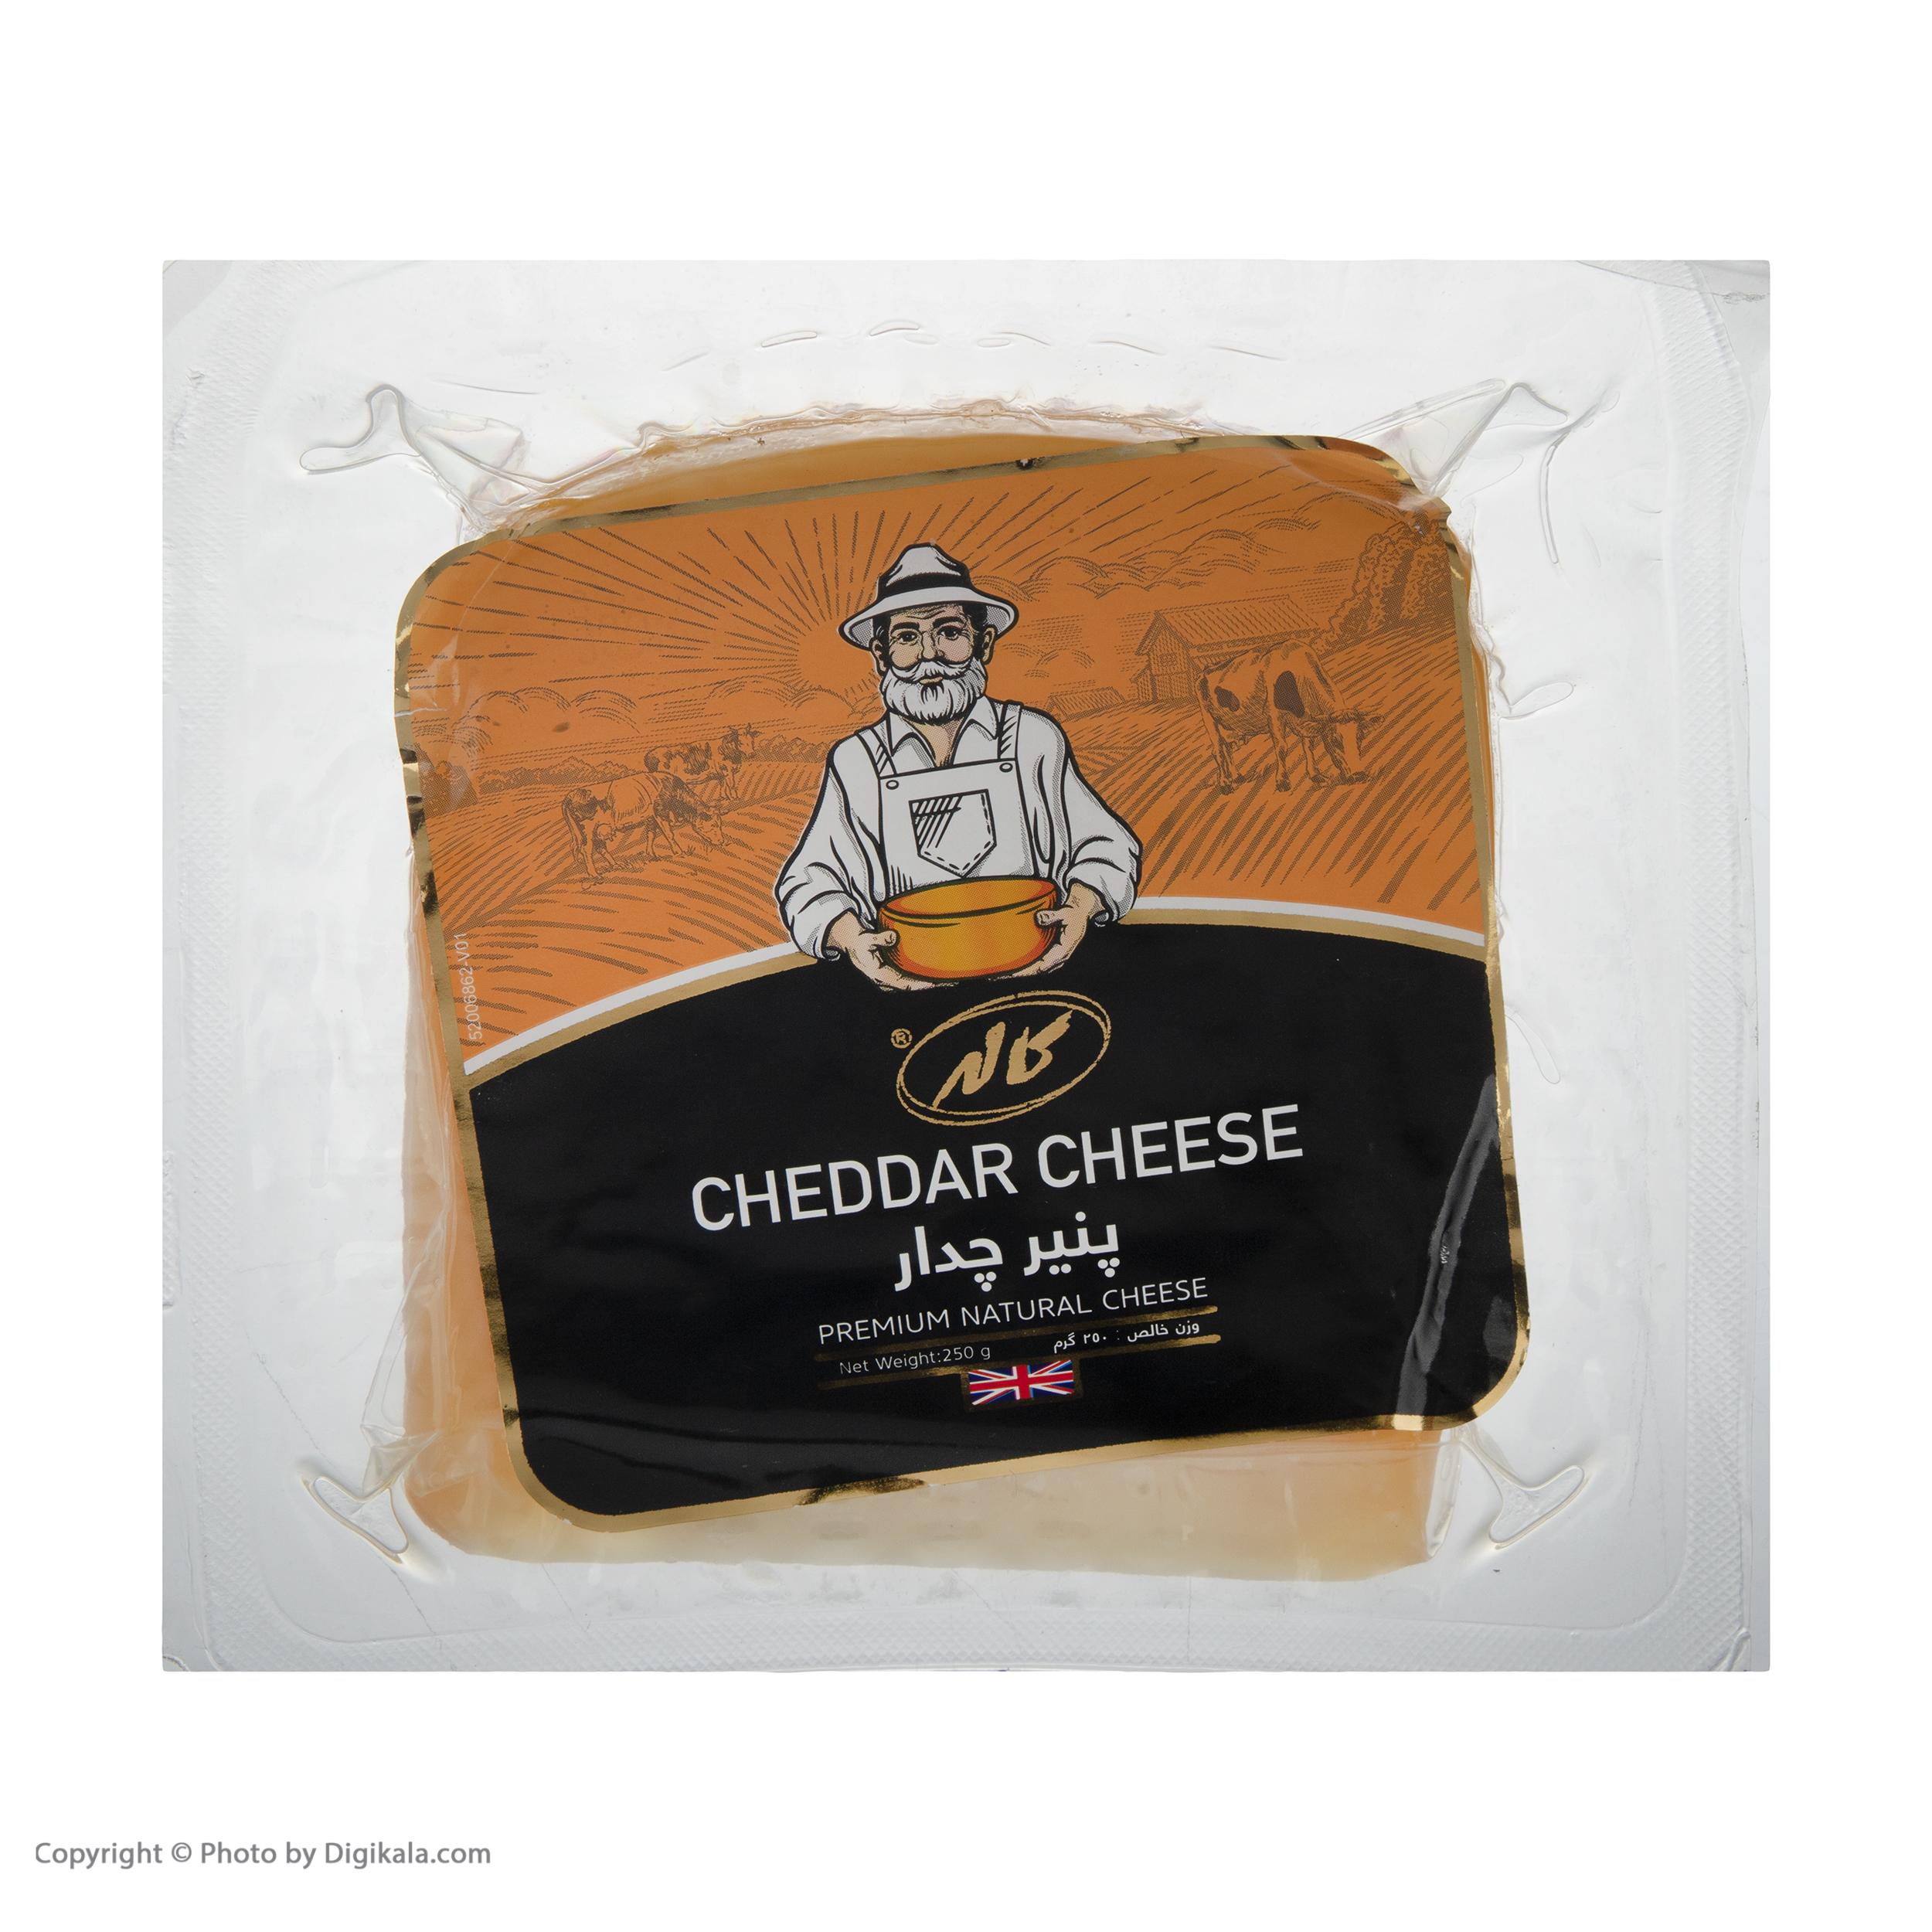 پنیر چدار کاله مقدار 250 گرم main 1 3